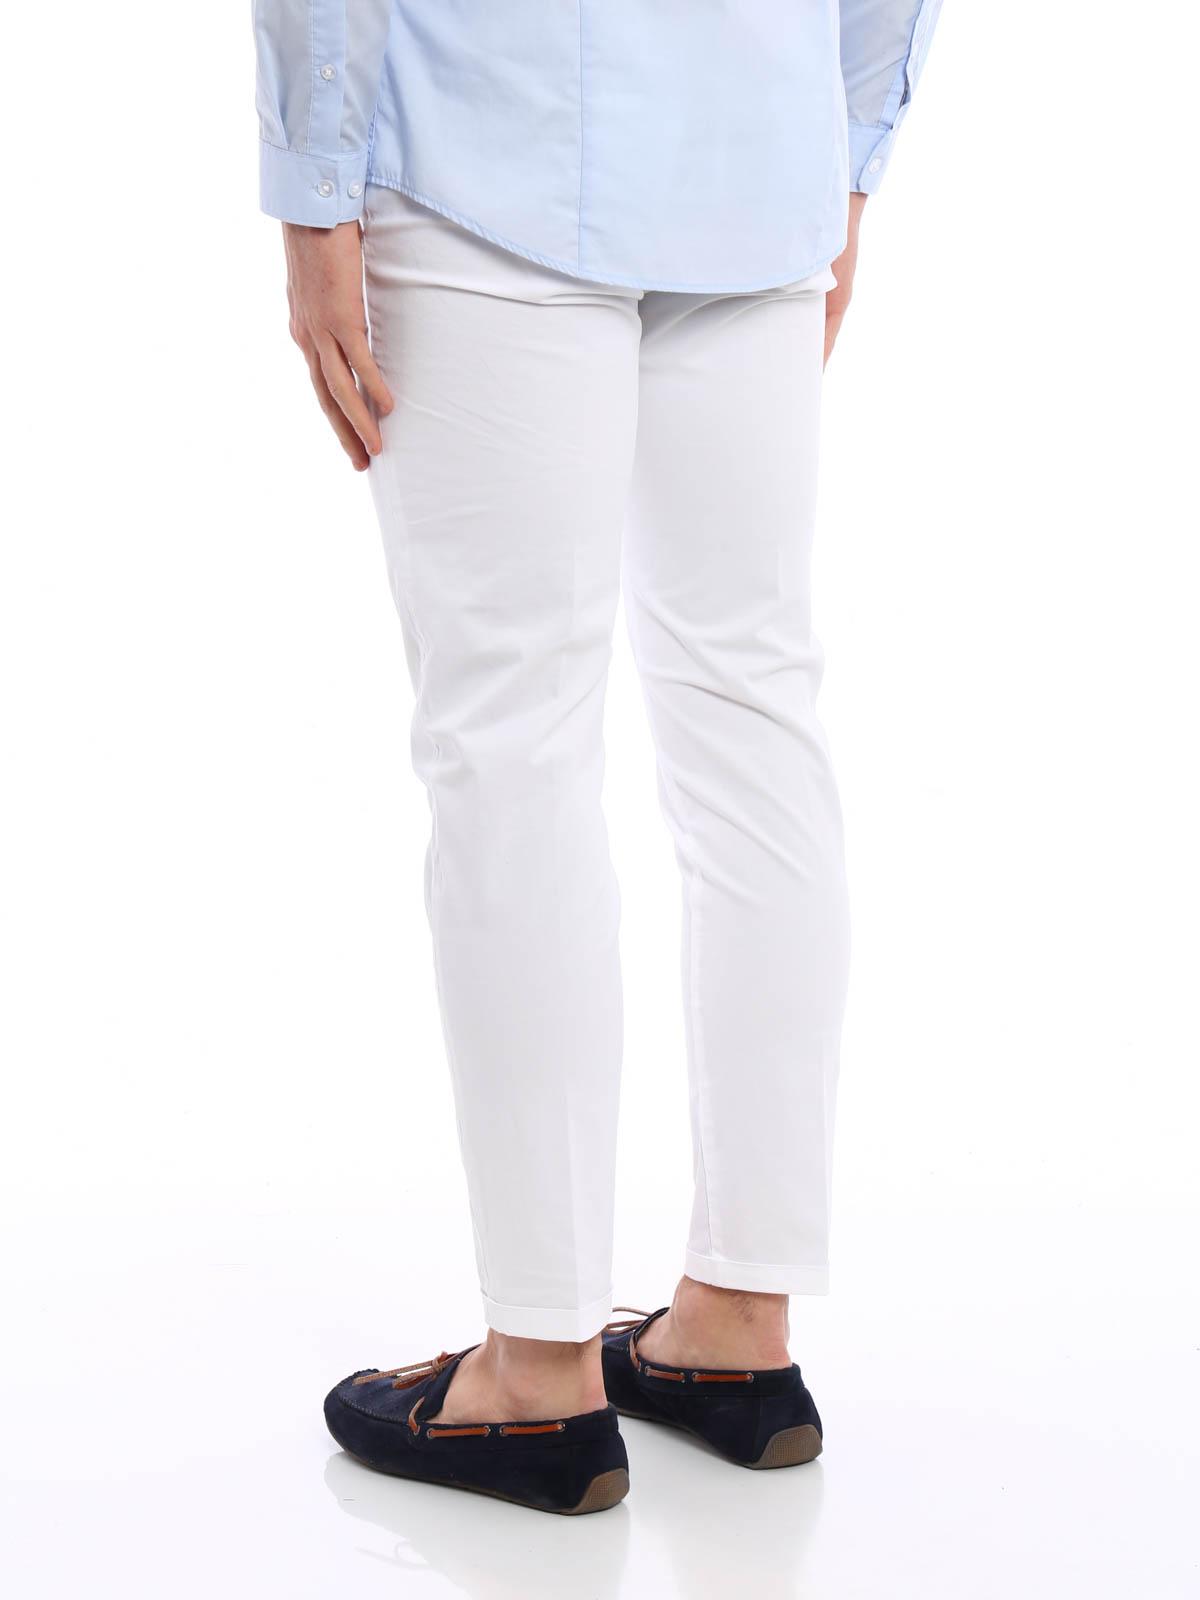 dc57335e2fe4 Fay - Pantaloni capri in cotone stretch - capri - NTM8634187T GRB001